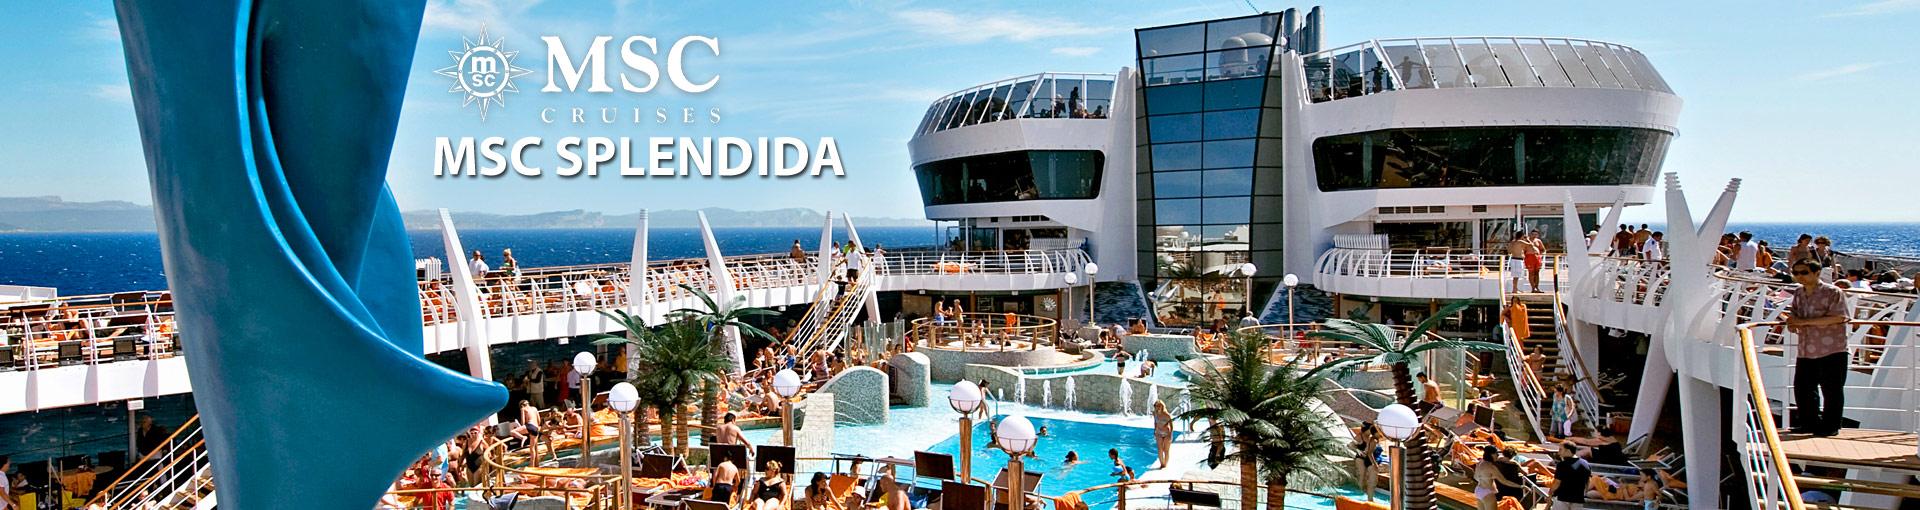 Msc splendida cruise ship 2017 and 2018 msc splendida msc cruises msc splendida cruise ship baanklon Gallery